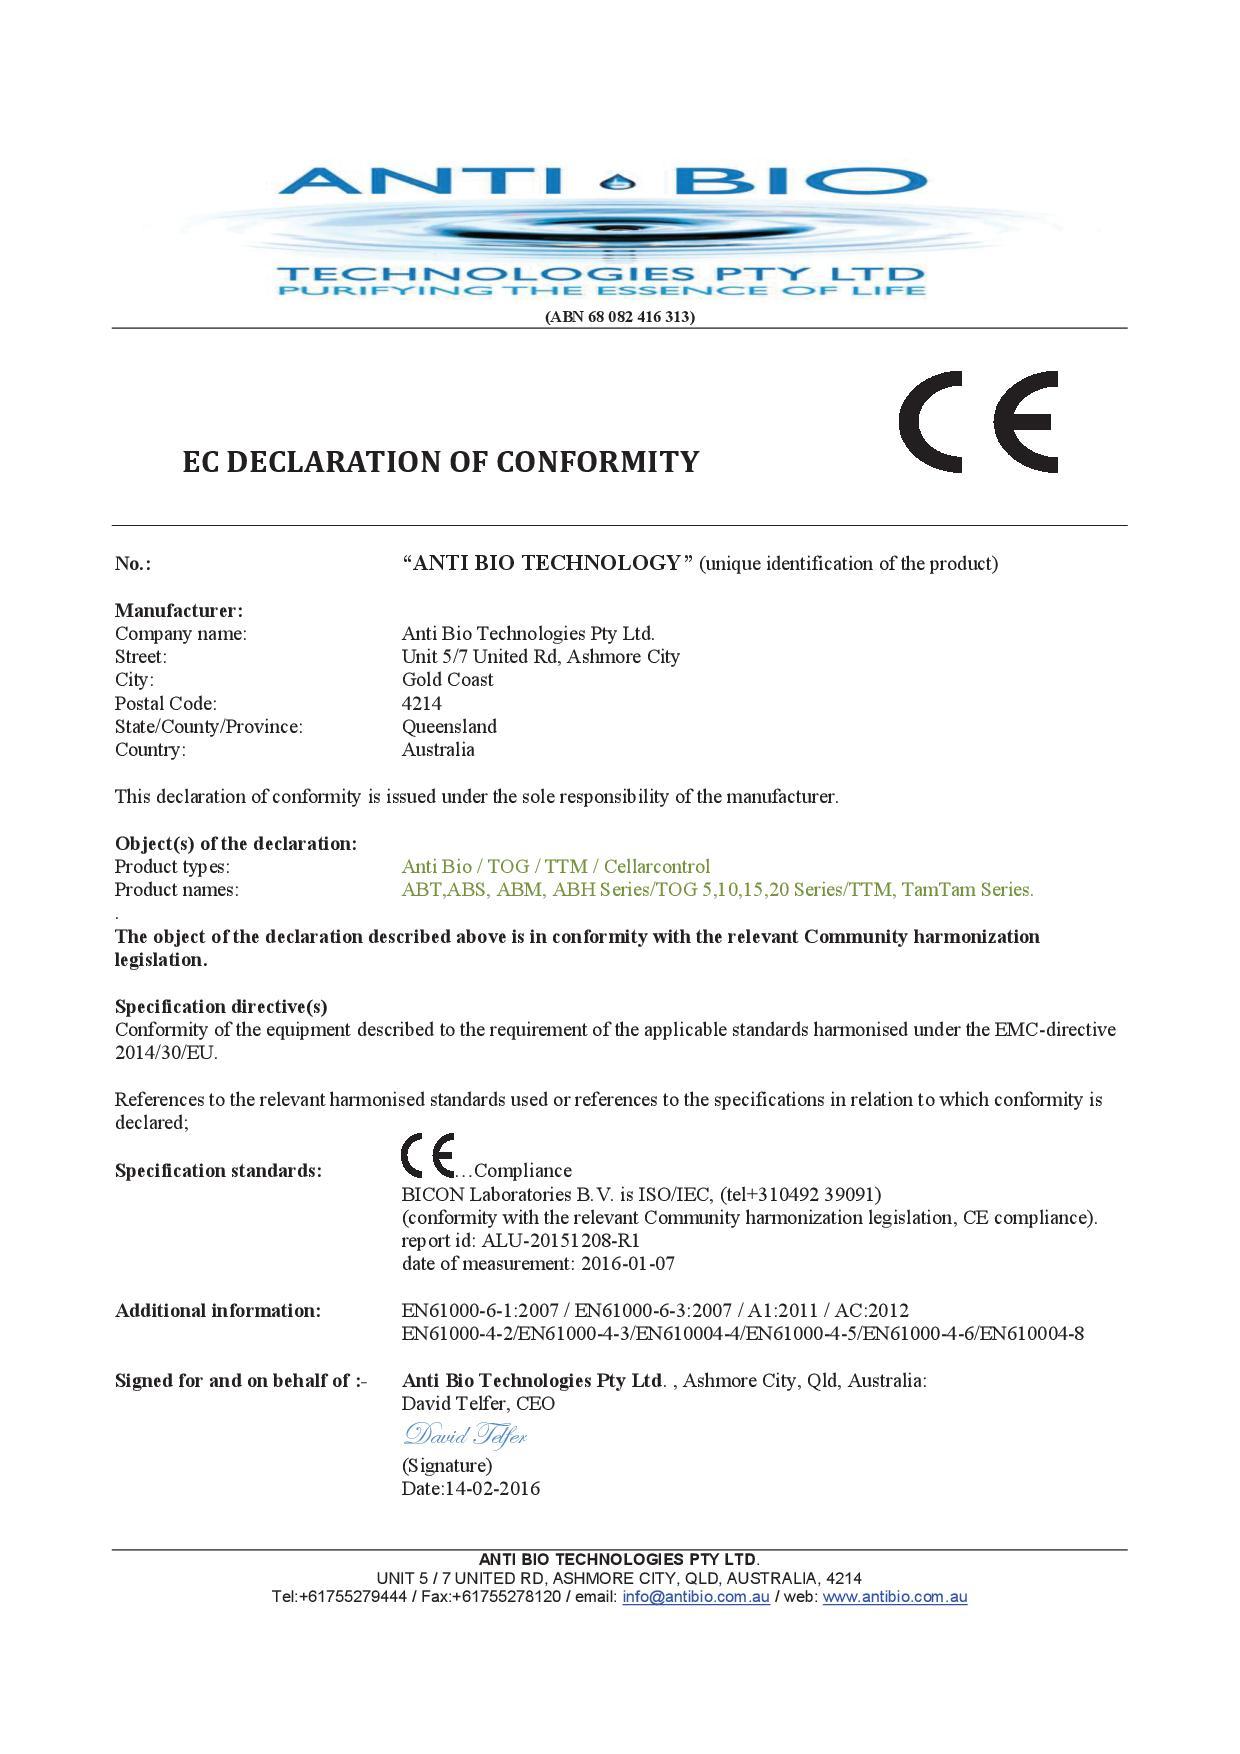 AB EC Declaration of Conformity